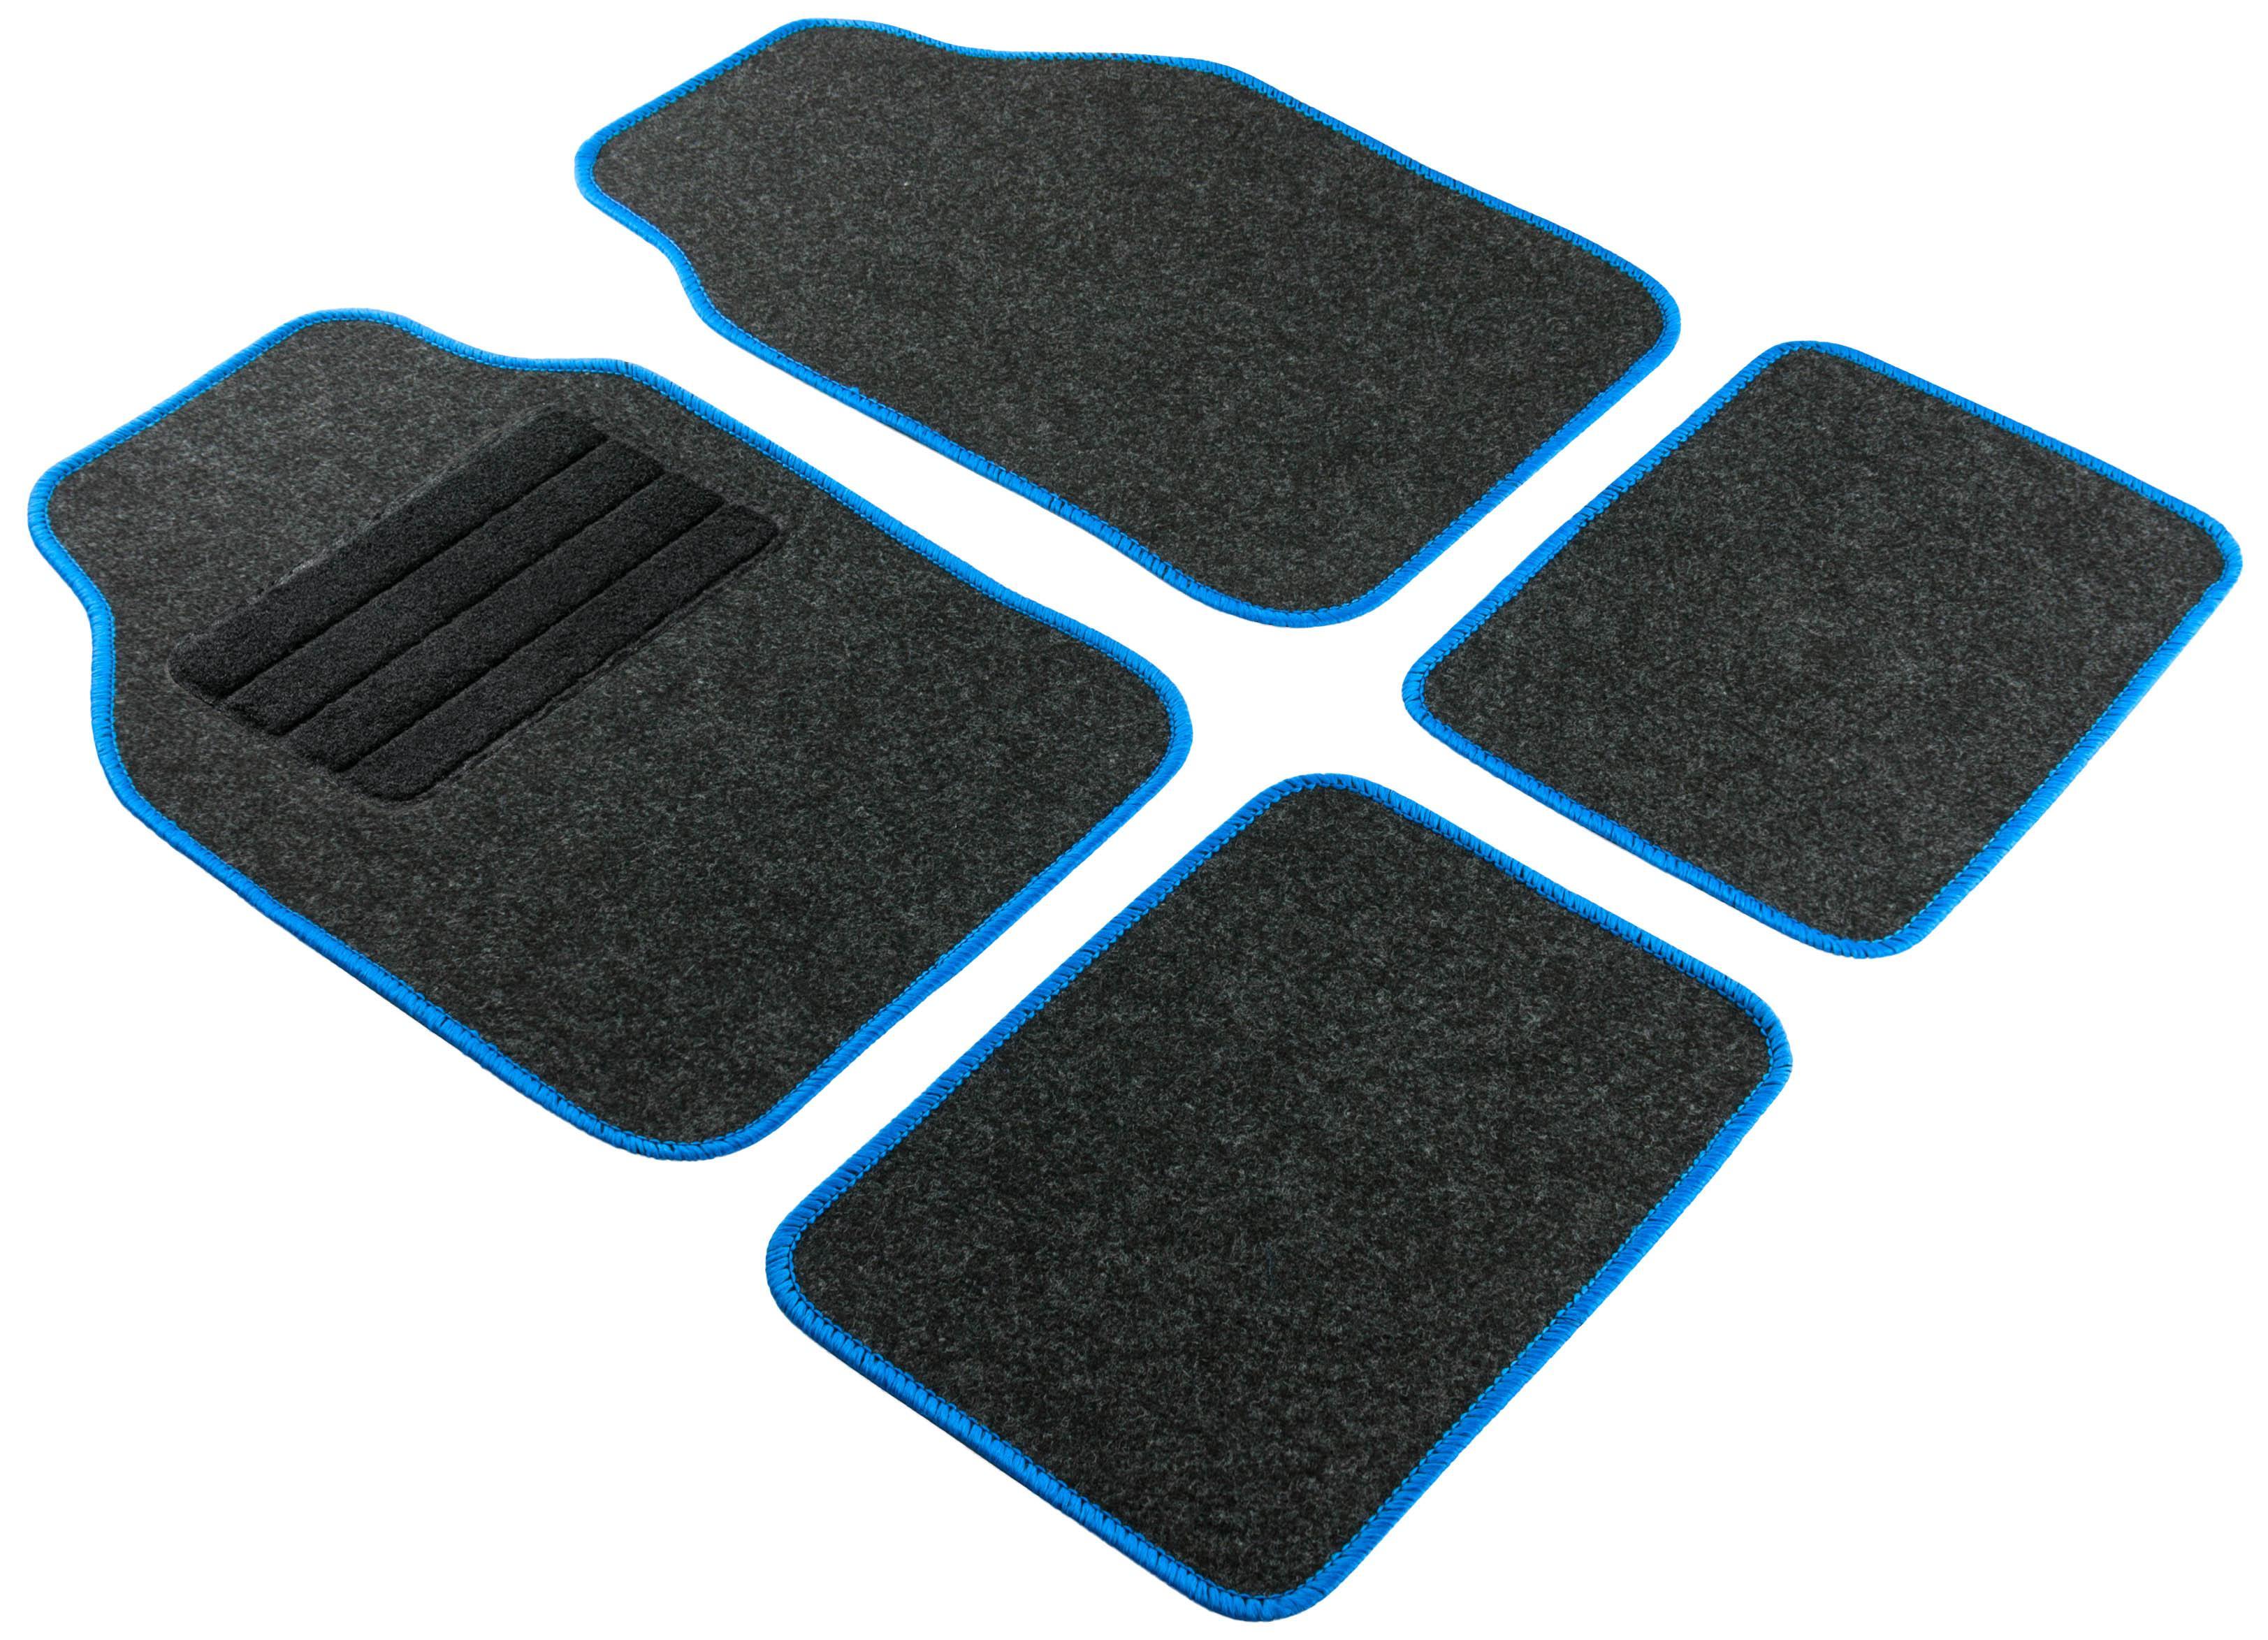 14461 WALSER Universeel geschikt, Regio blue Textiel, voor en achter, Aantal: 4, Antraciet Grootte: 33x44, 68x44 Vloermatset 14461